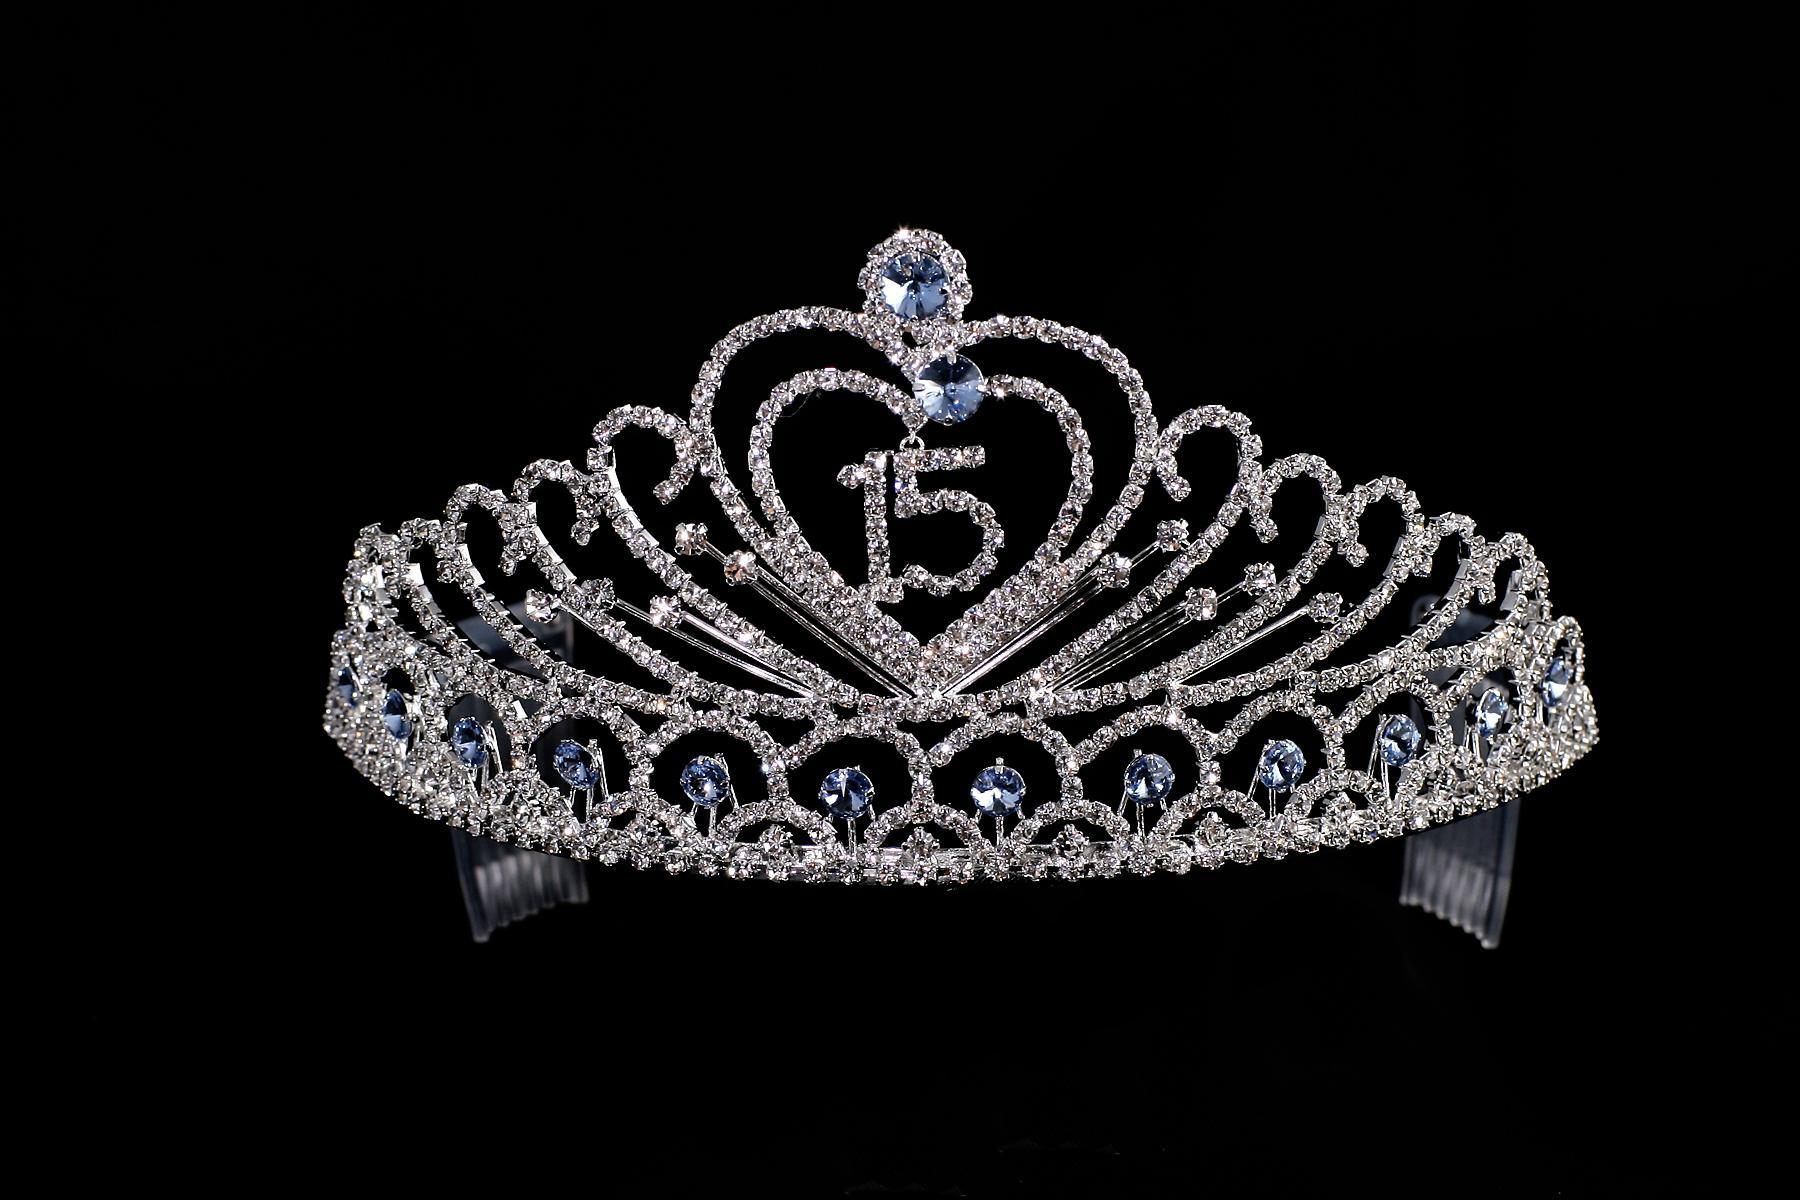 C8332 Rhinestone Quinceanera Crown